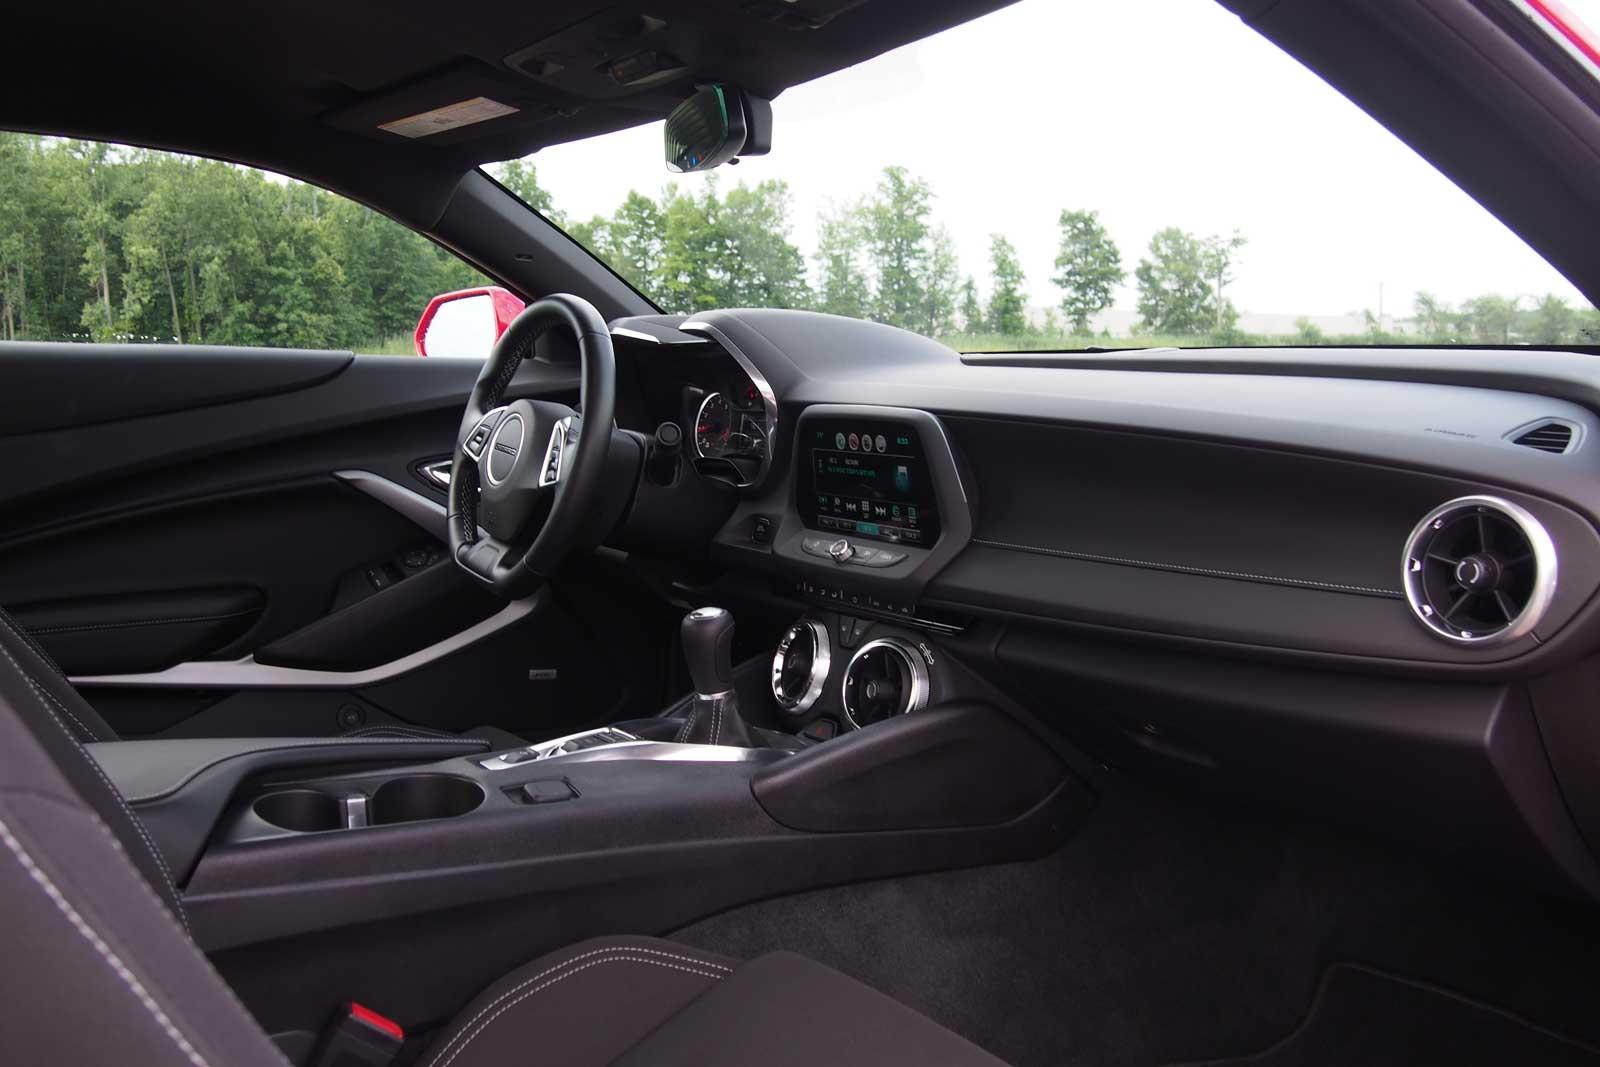 2016-Chevrolet-Camaro-1LT-Interior-02